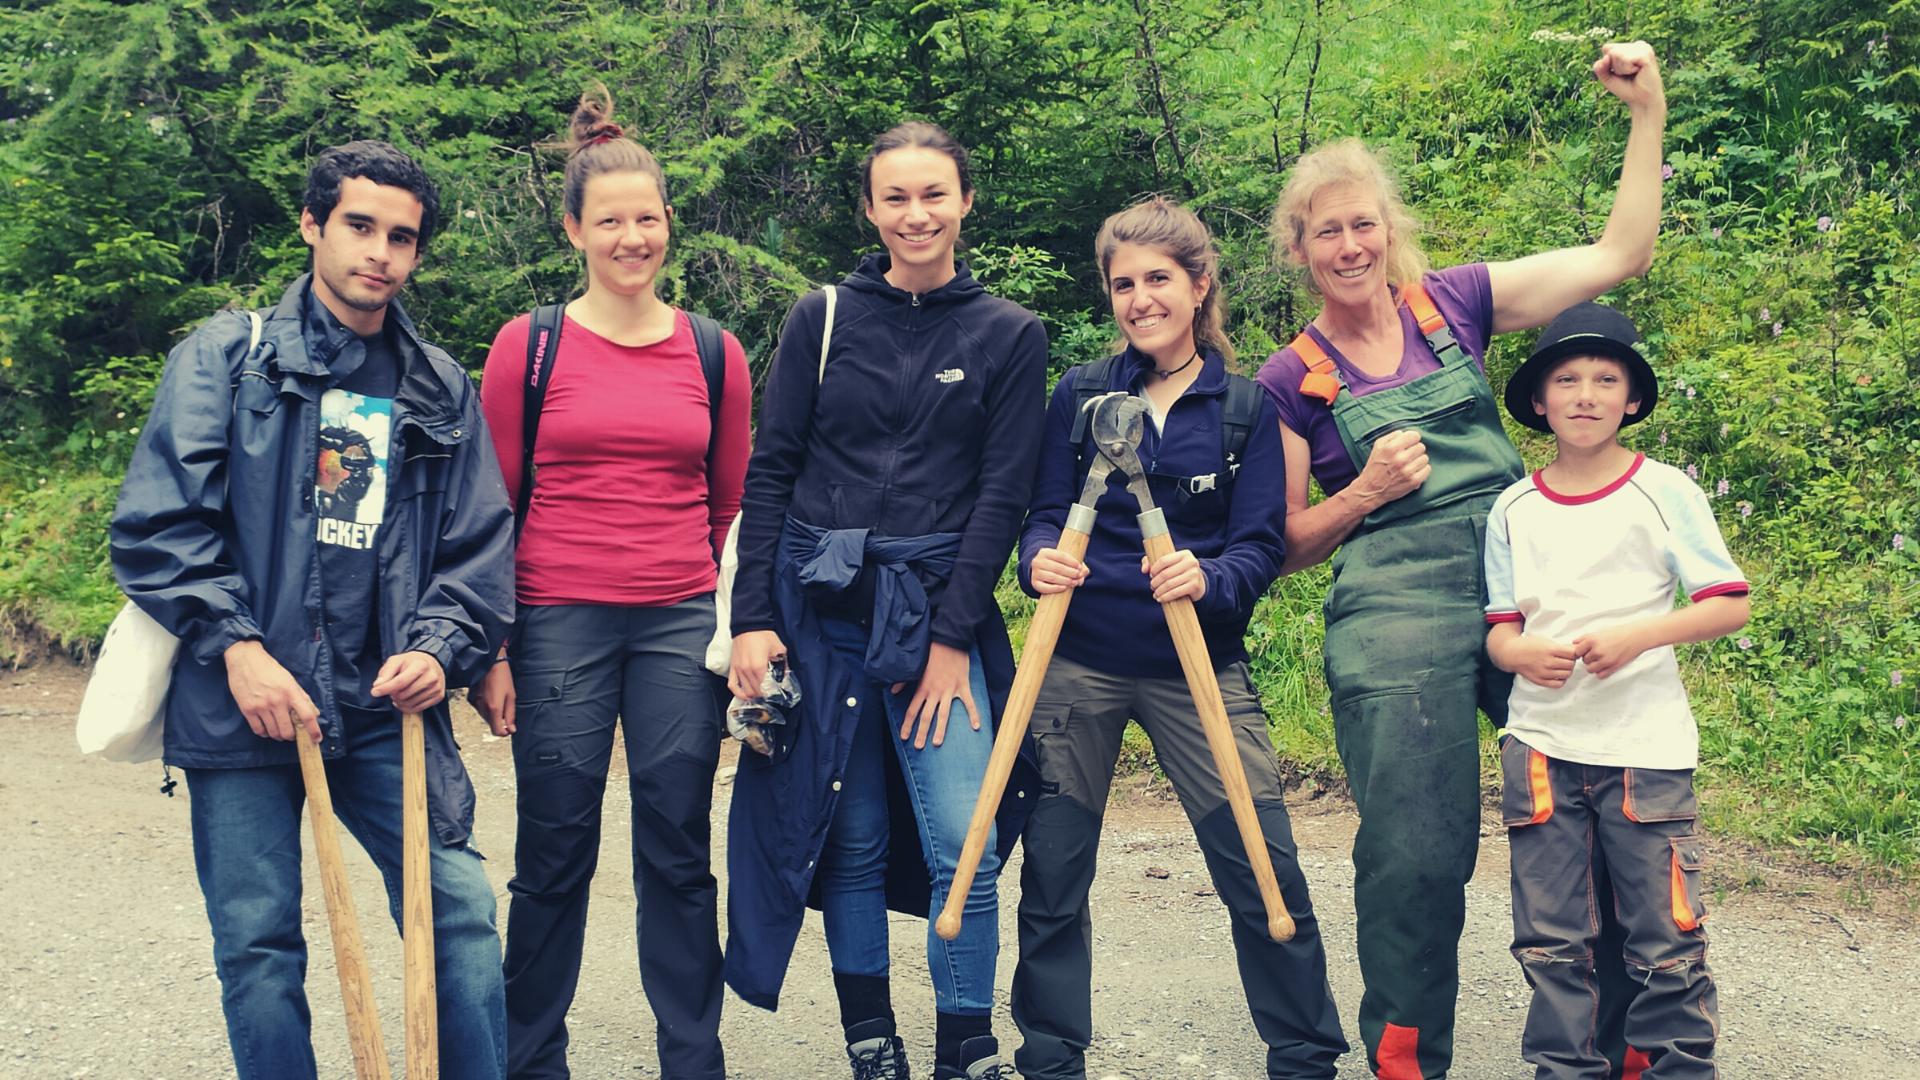 Der SCI Schweiz unterstützt ökologische, soziale und kulturelle Projekte durch Freiwilligeneinsätze.